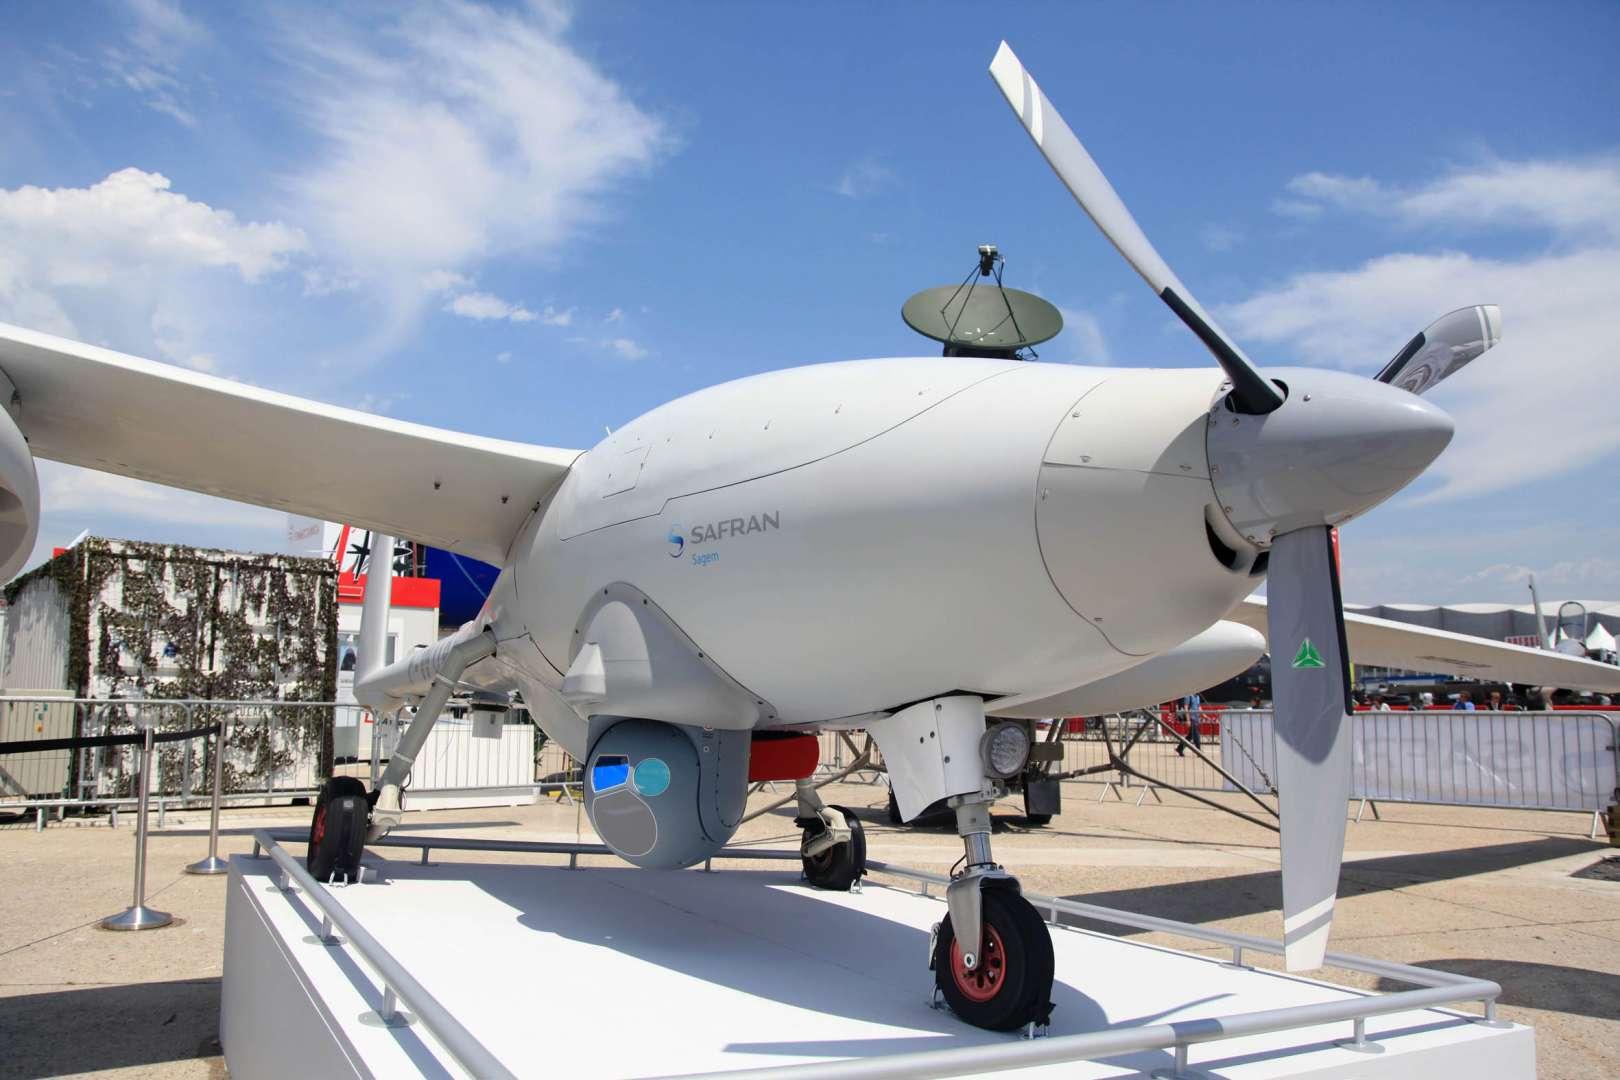 L'Etat commande 14 drones Patroller à Sagem qui les assemblera à Montluçon – L'Usine de l'Aéro